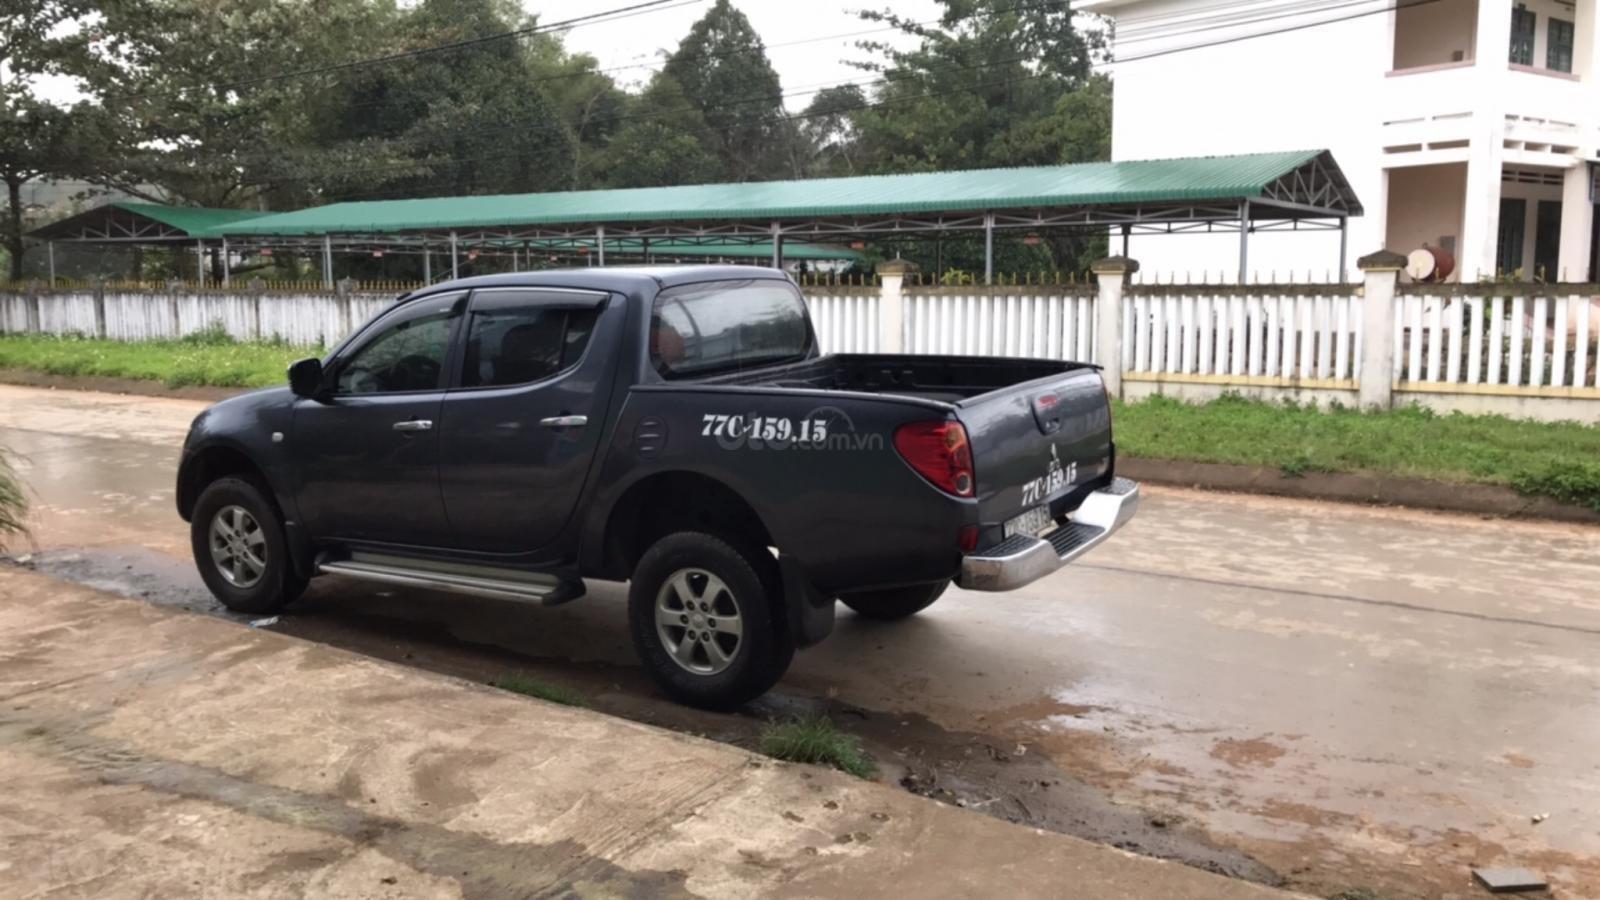 Cần bán Mitsubishi Triton đời 2010, màu xám (ghi), nhập khẩu (1)